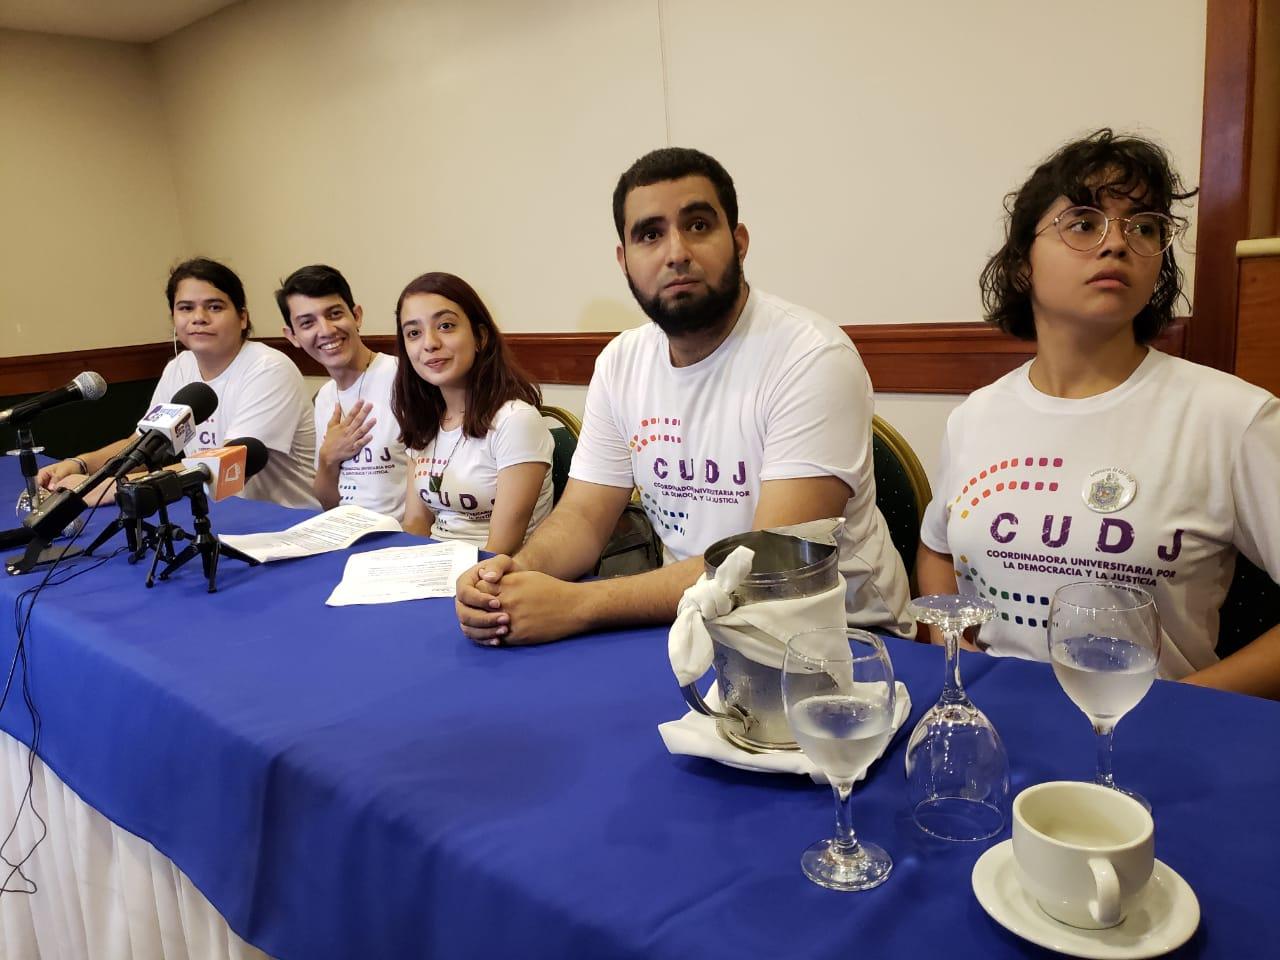 Jóvenes amenazan con no permitir «una transición política» en Nicaragua sin que se incluyan sus exigencias. Foto: G. Shiffman / Artículo 66